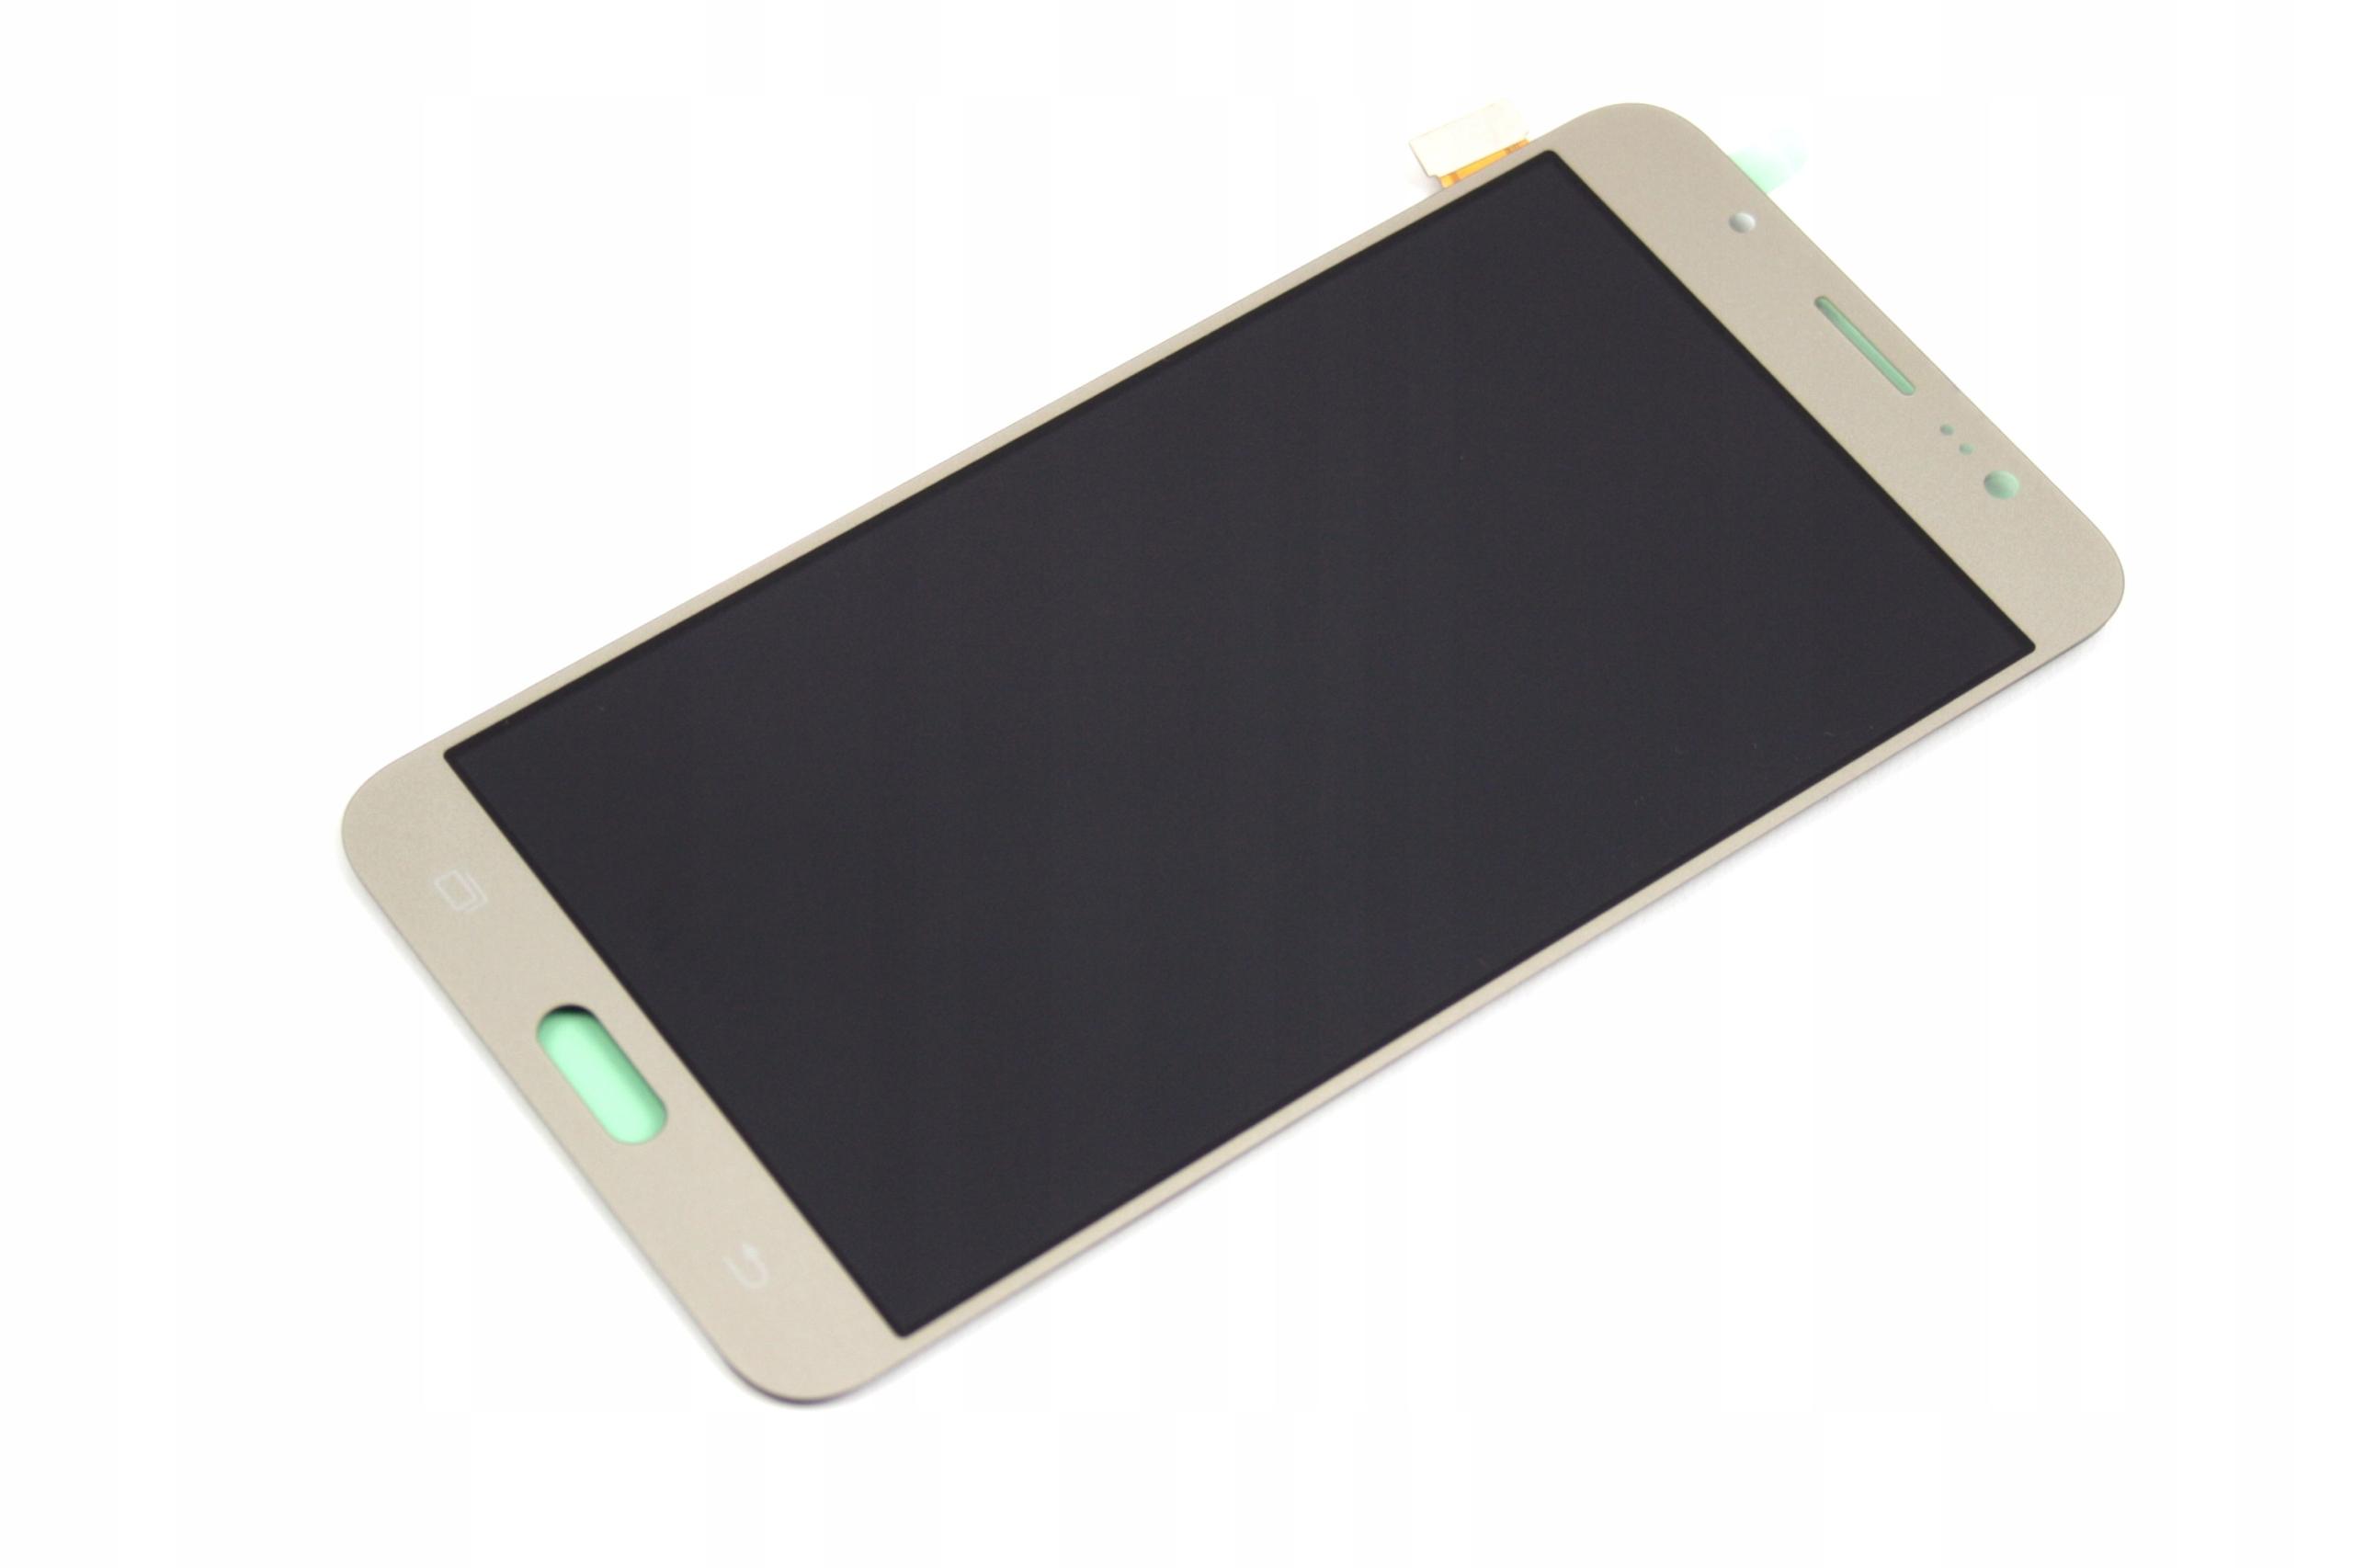 DOTYK WYŚWIETLACZ SAMSUNG J7 2016 LCD J710F GALAXY